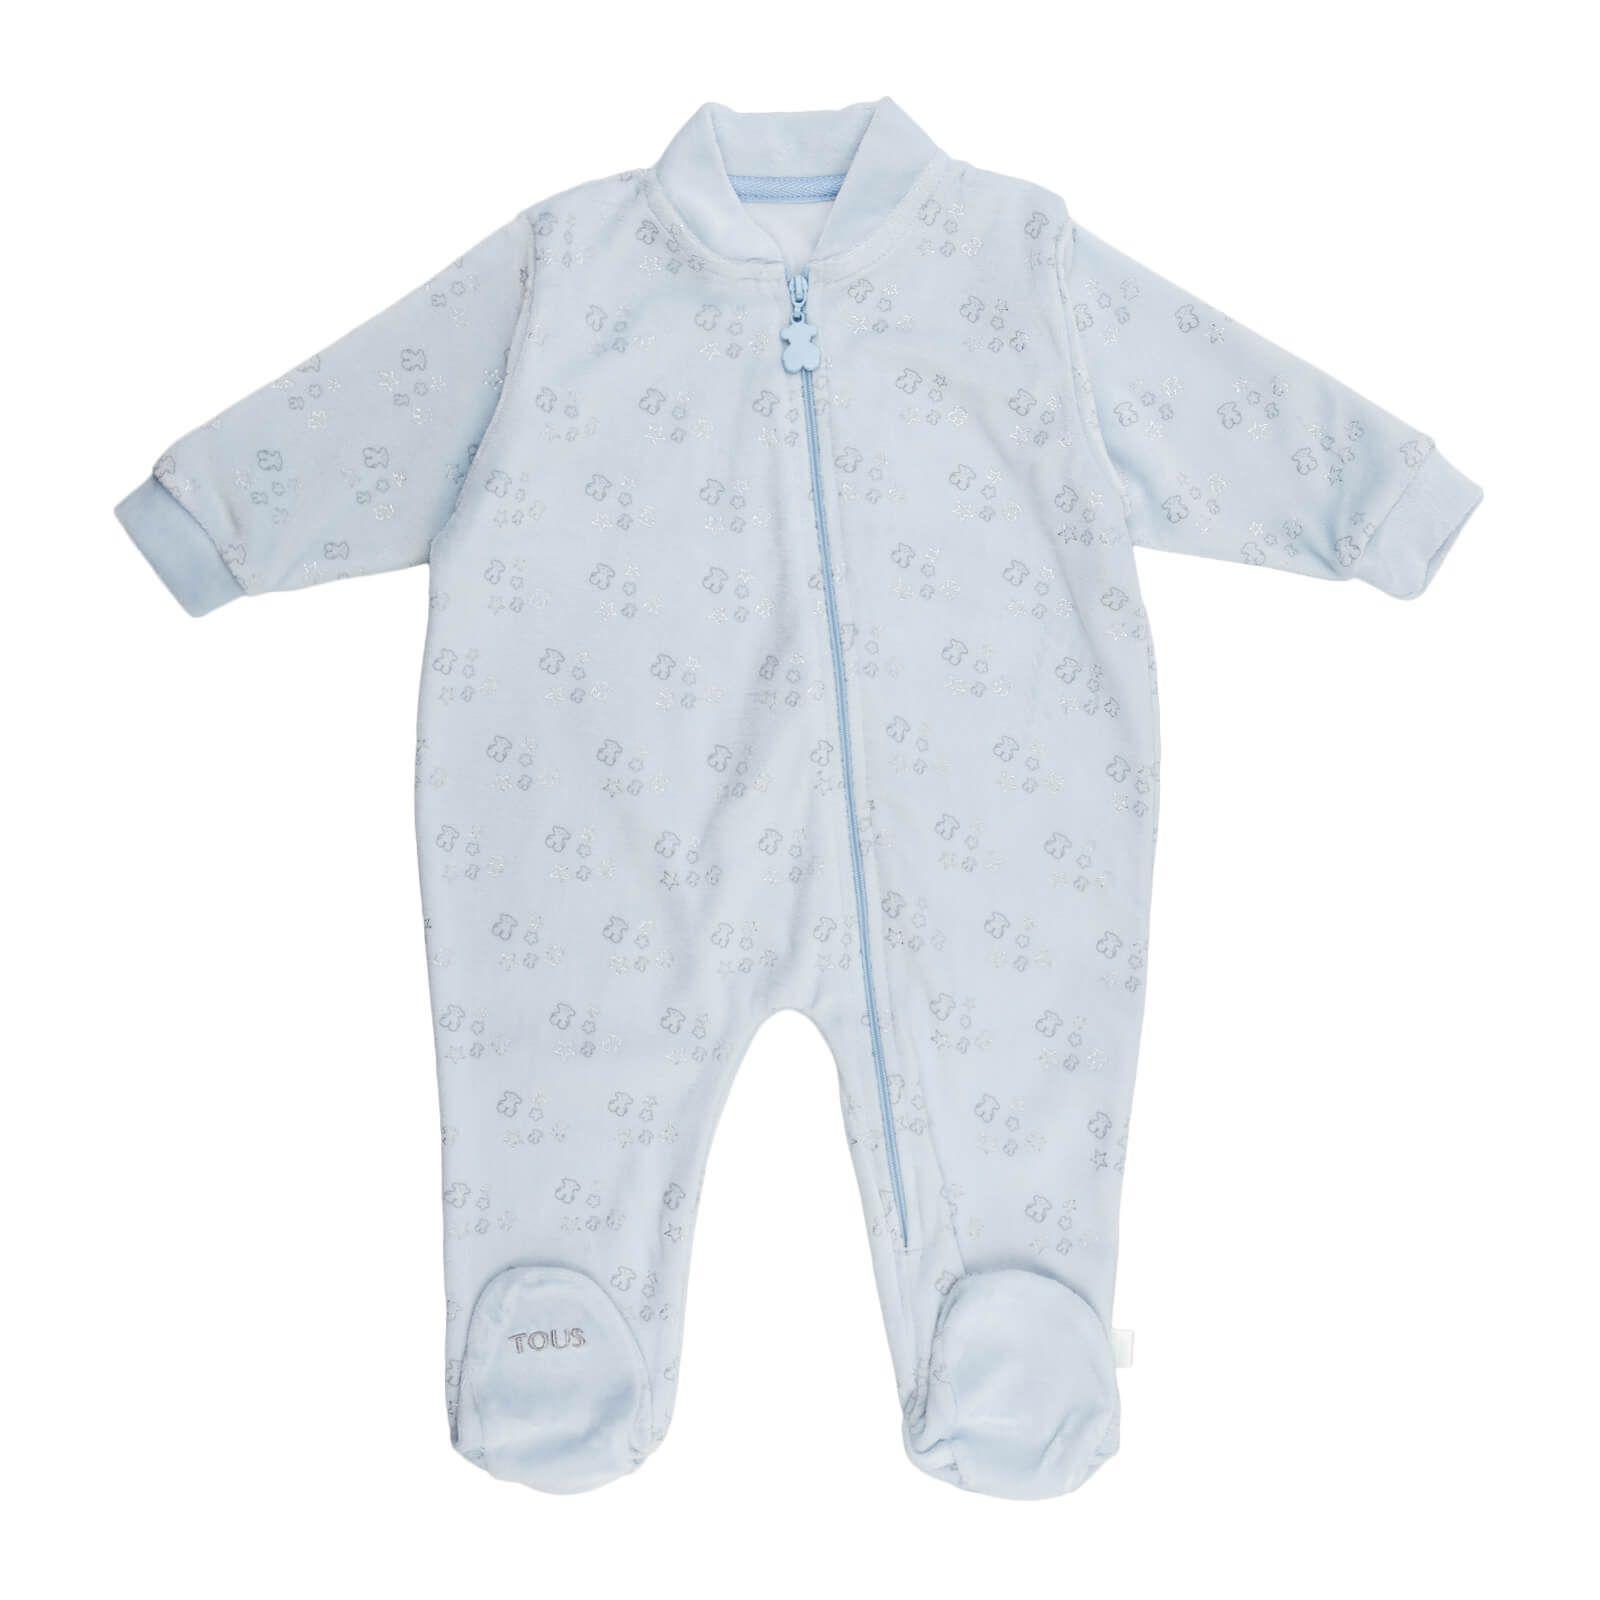 576759aad3 Pijama tundosado de Baby Tous. Dulce estampado de ositos y estrellas  plateadas. Apertura delantera